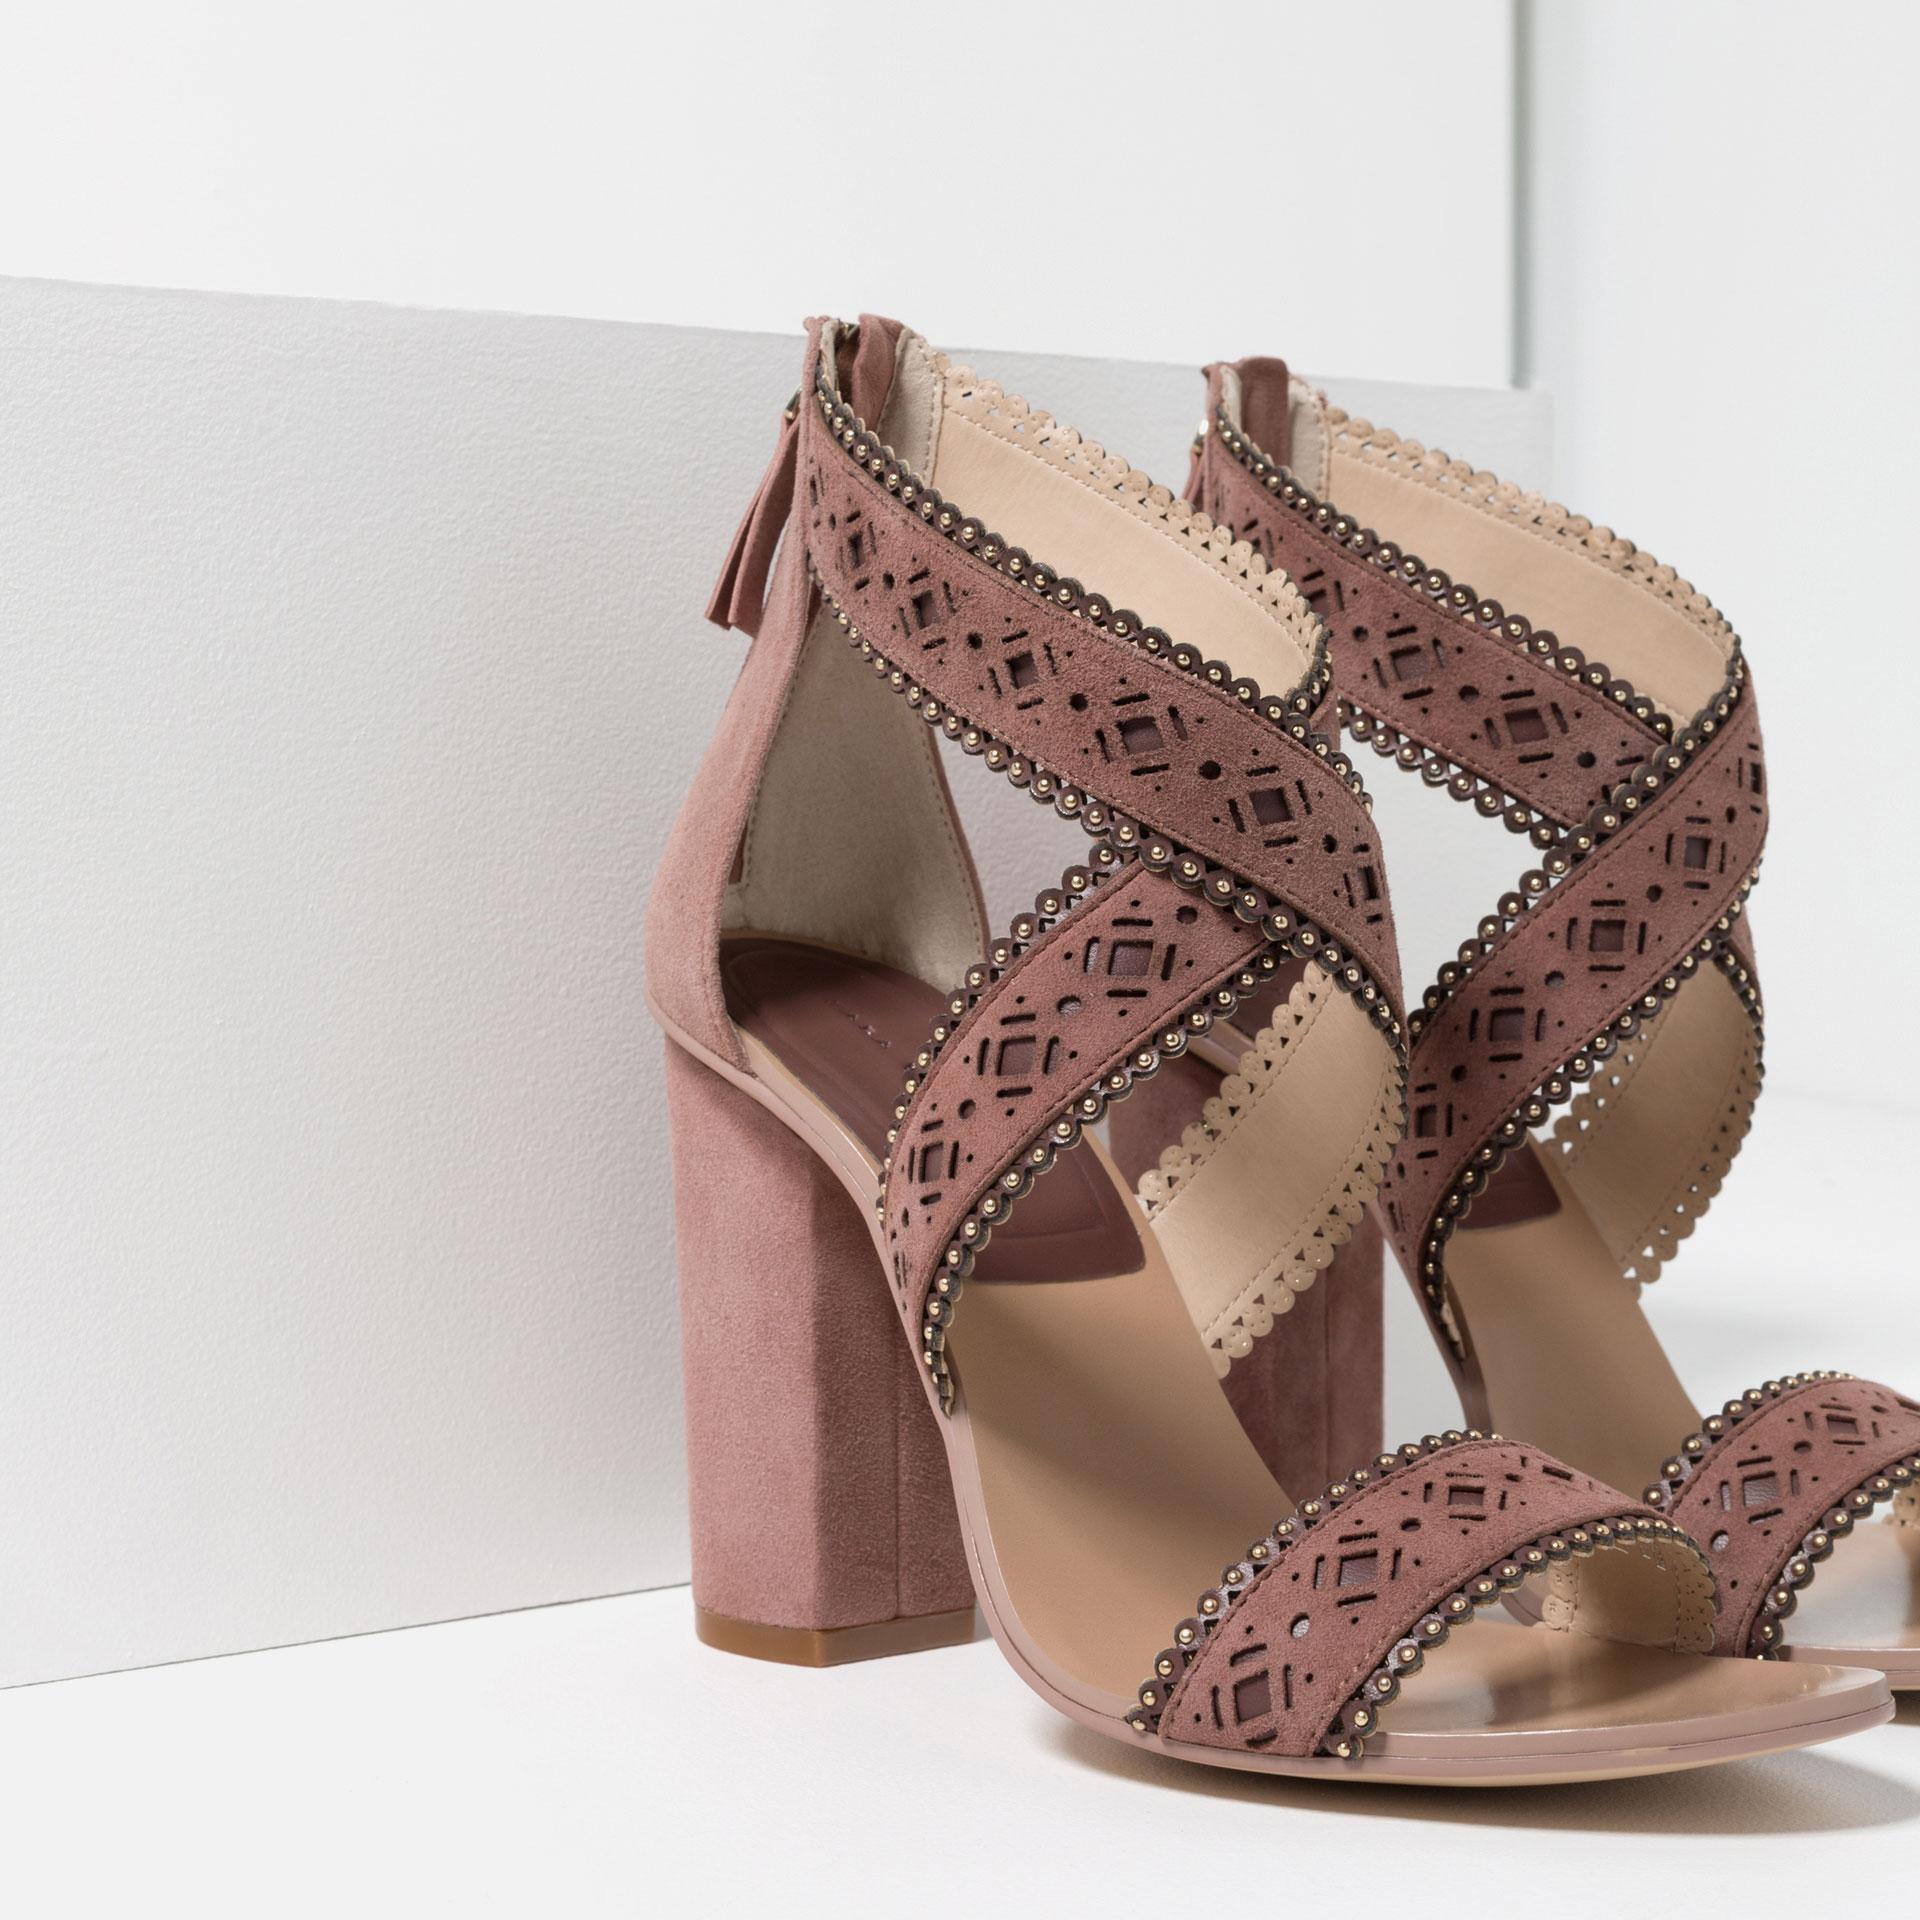 Tarz ayakkabı zara 1